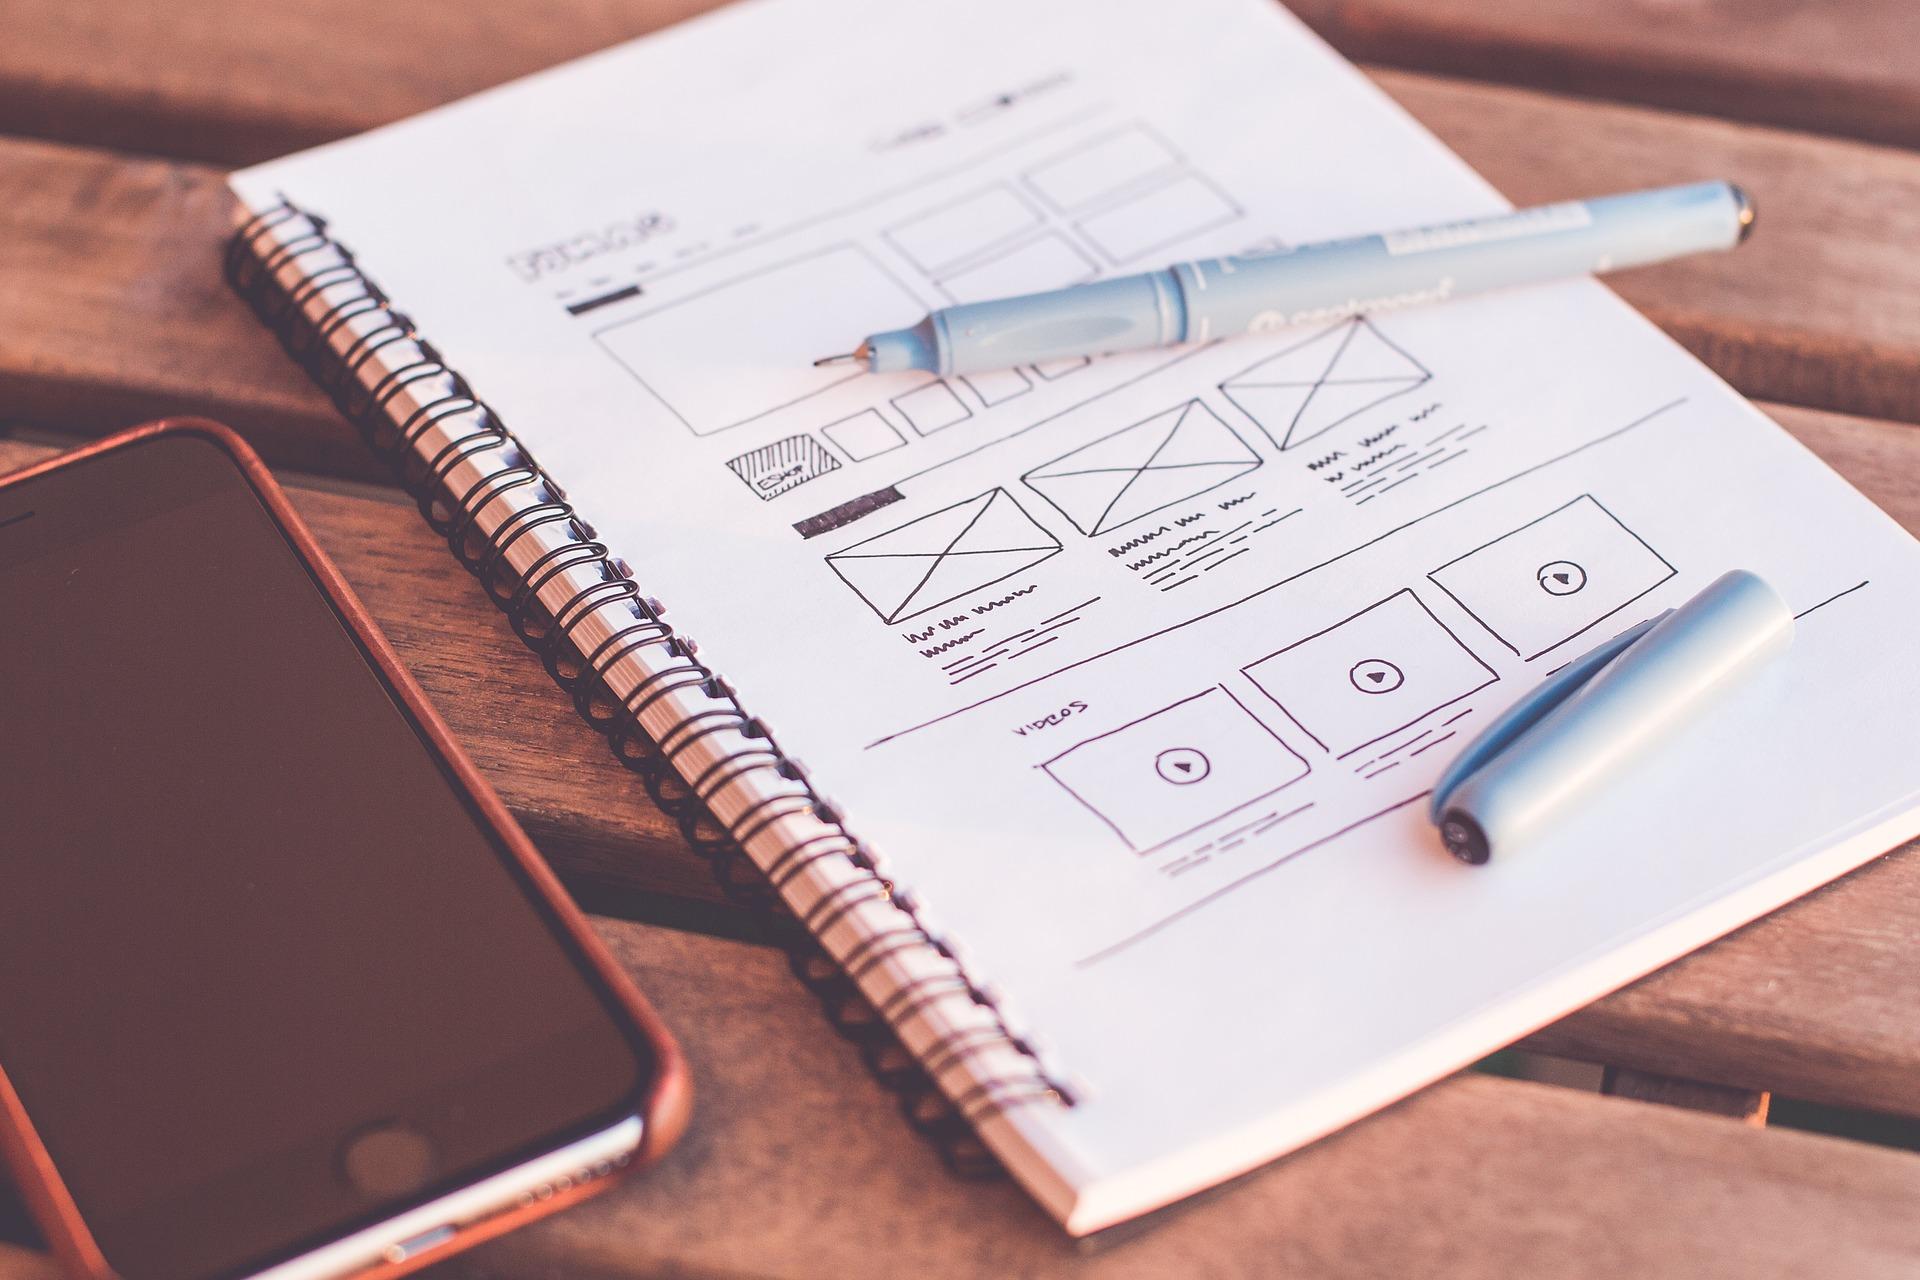 Freelance HubSpot CMS Website Design & Development Services Michigan